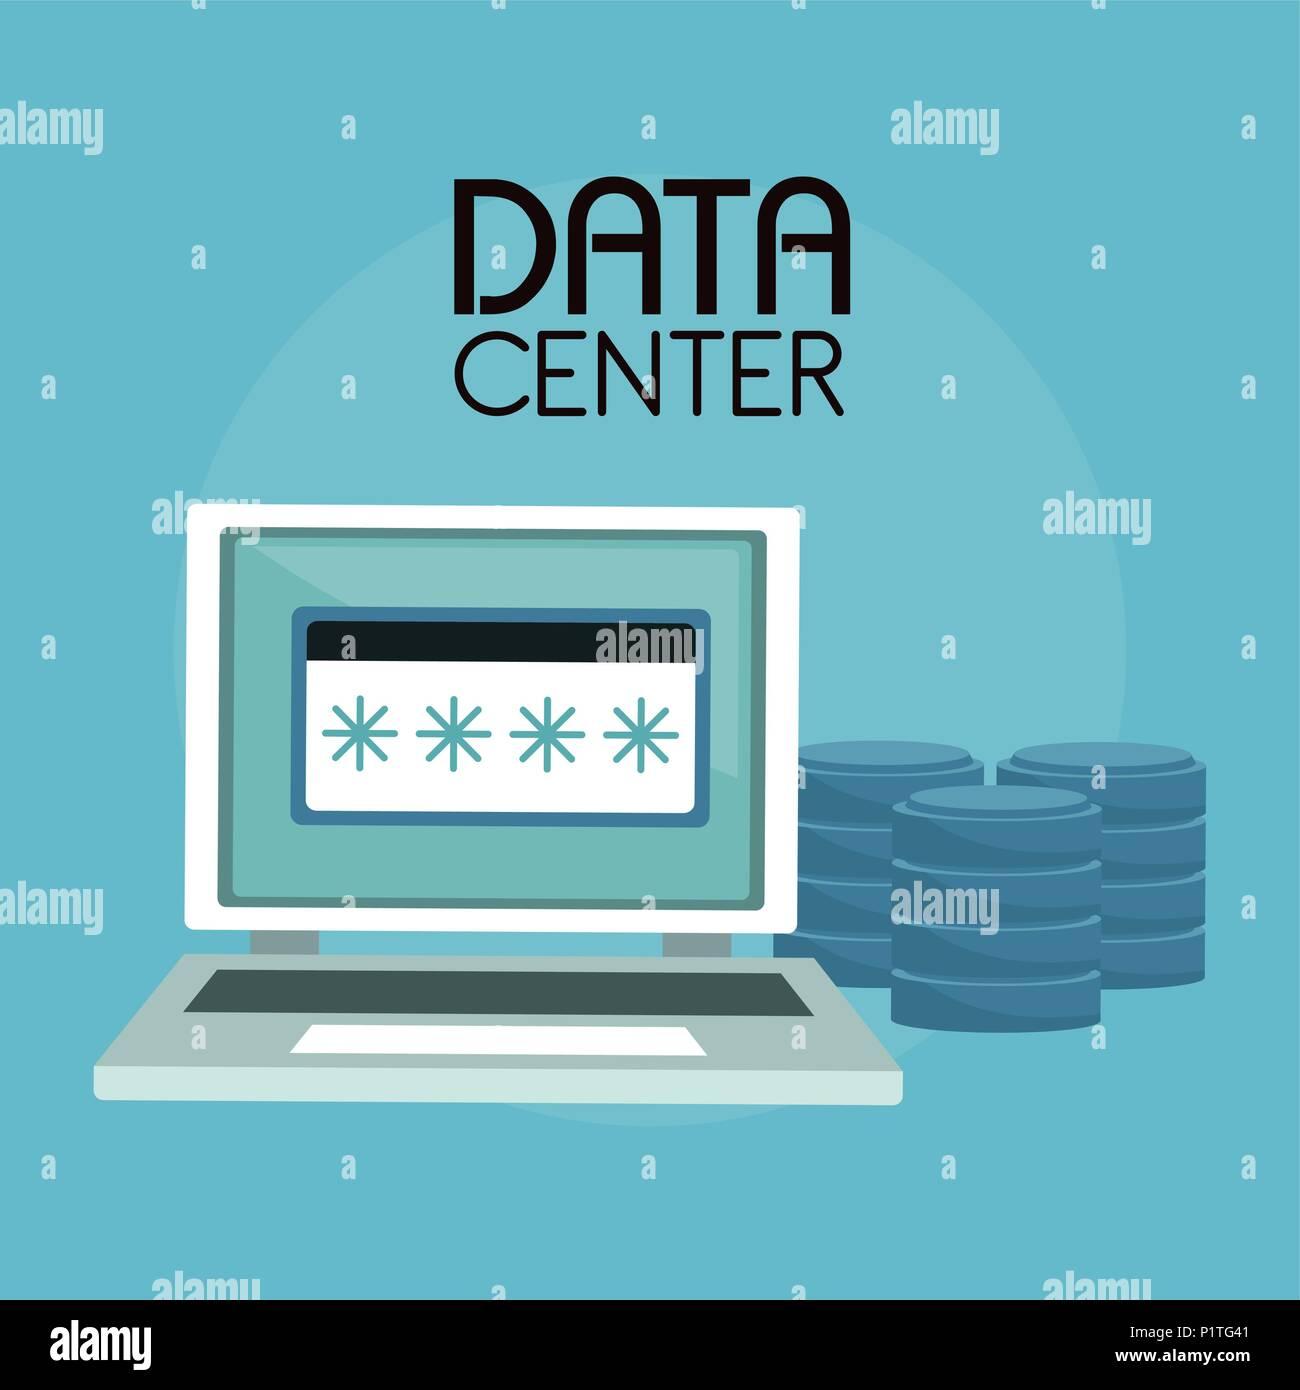 Data center technology - Stock Image